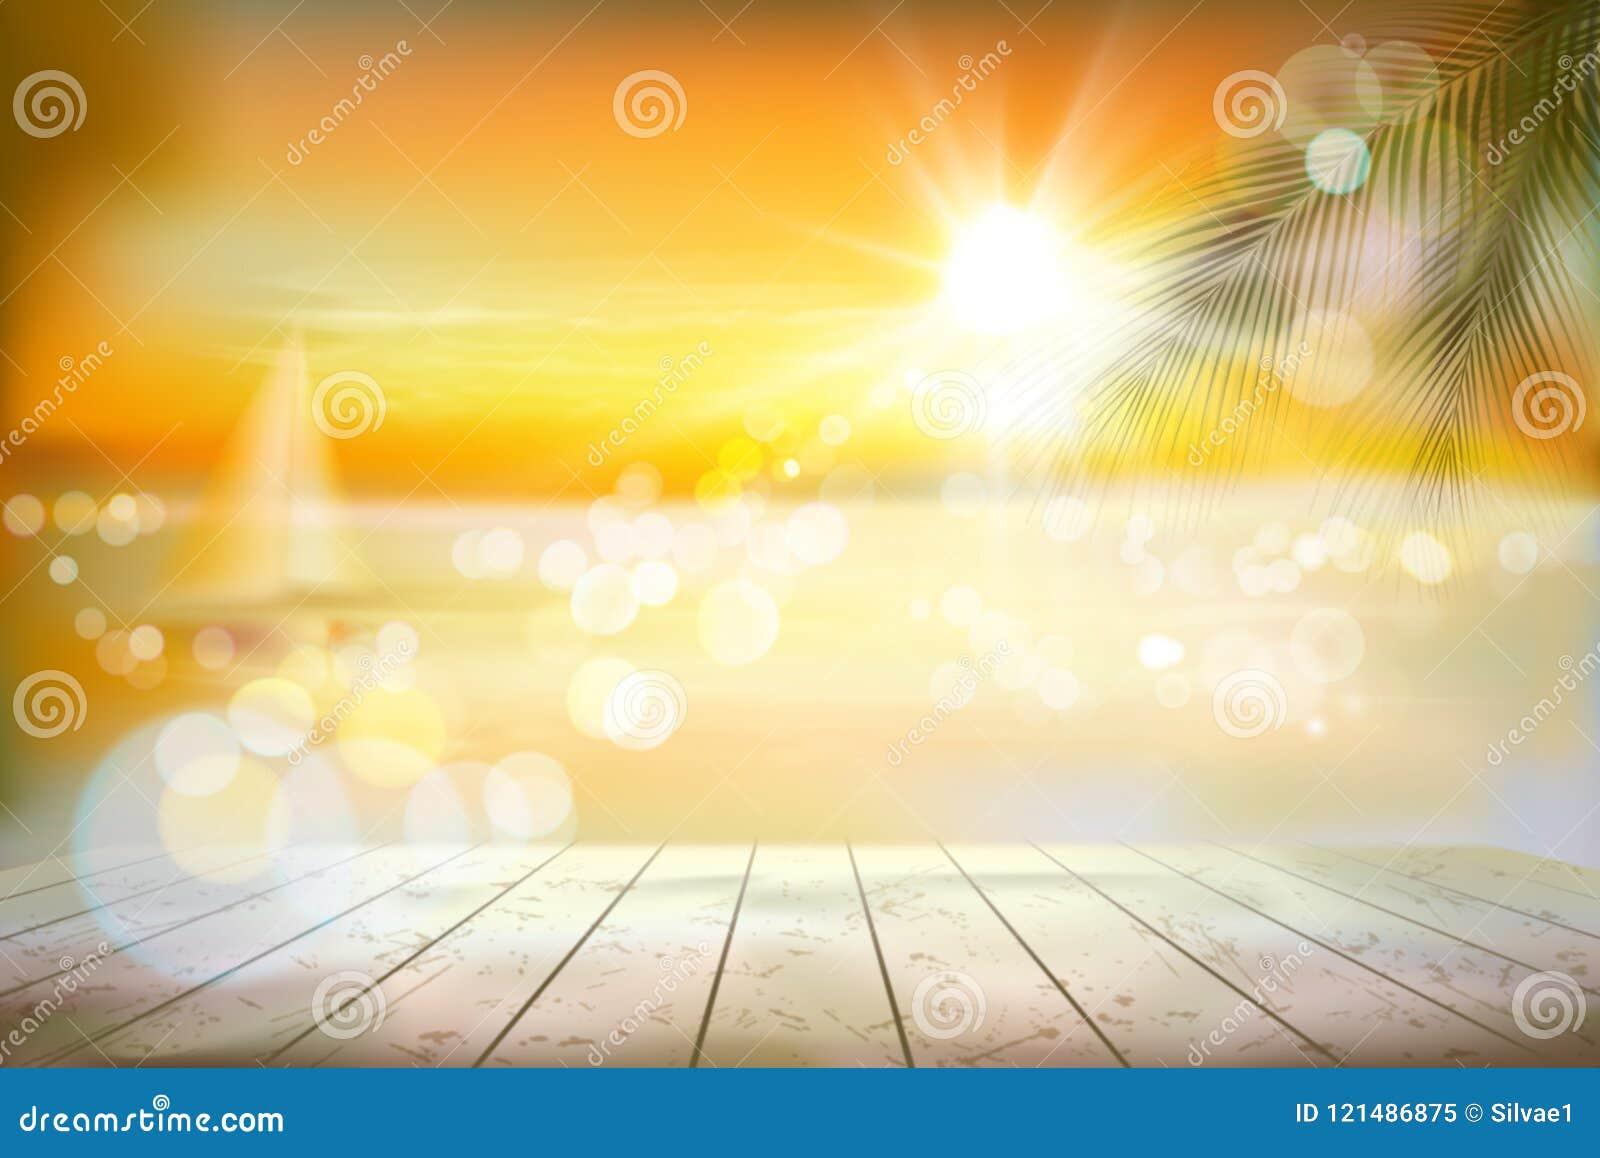 Vista de una playa tropical con un velero Salida del sol Ilustración del vector